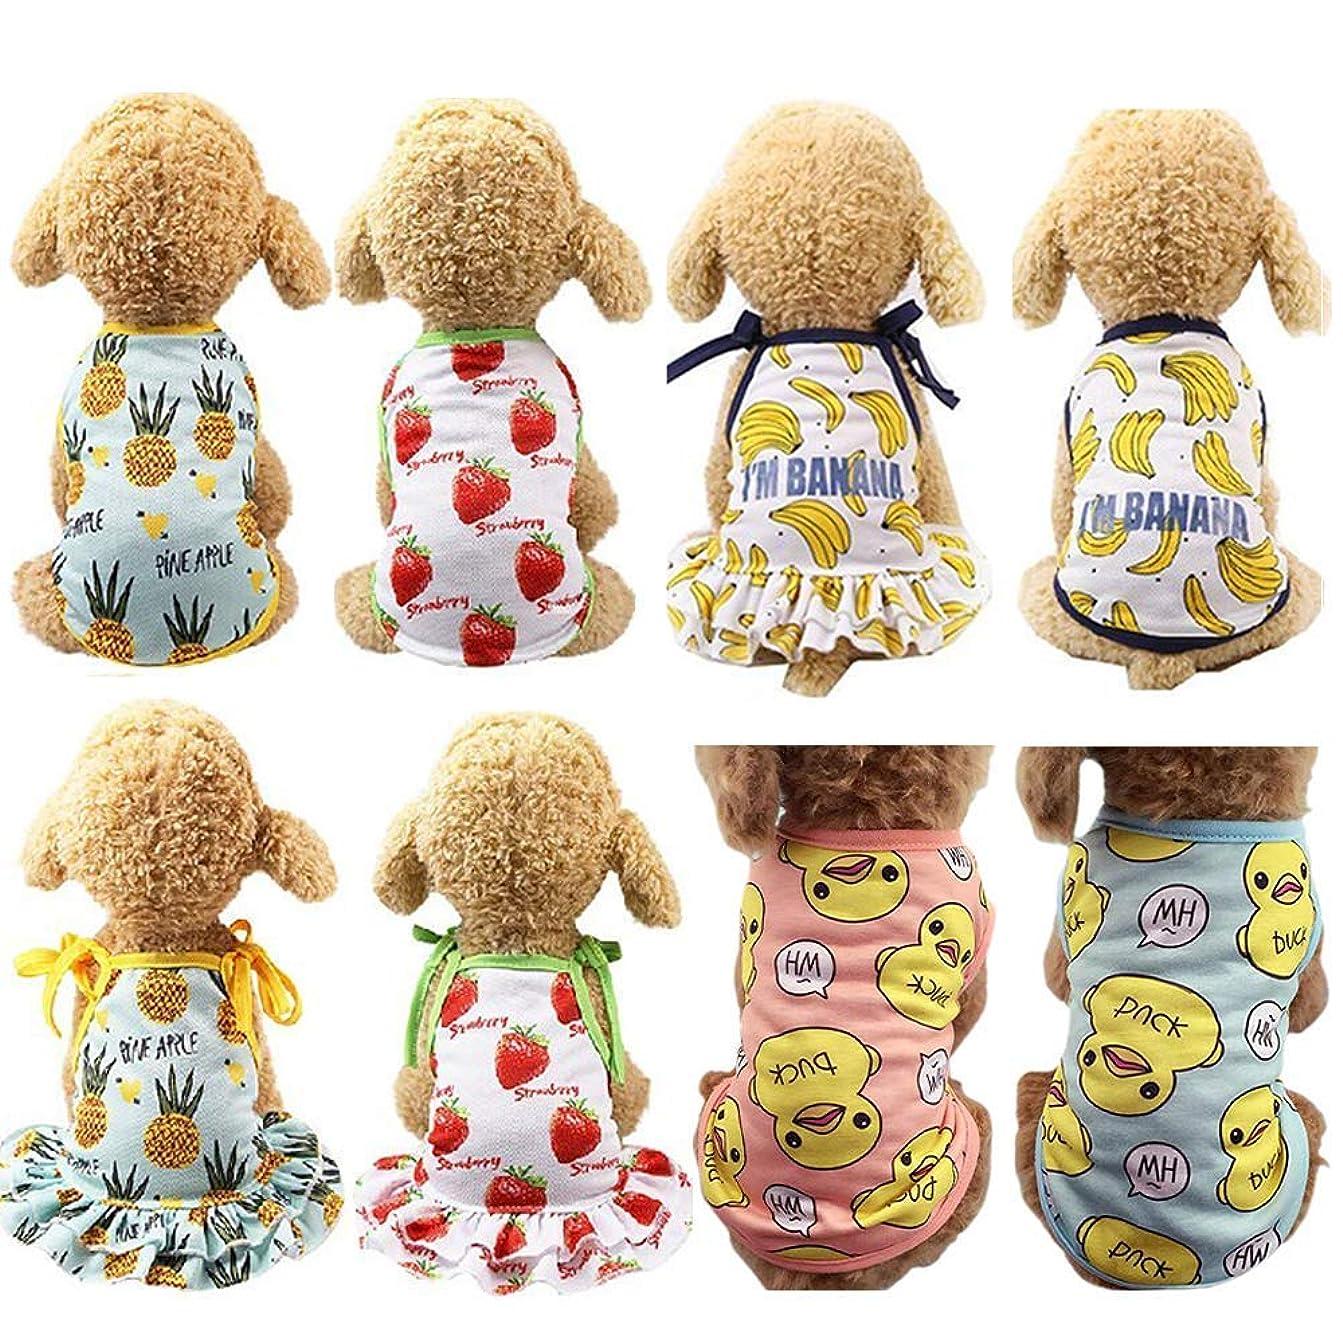 日常的にティッシュアレキサンダーグラハムベルbeanspet 犬 服 犬服 犬の服 ドッグウェア おしゃれ 花柄 ワンピース 薄手 2色5サイズ (M, ピンク)